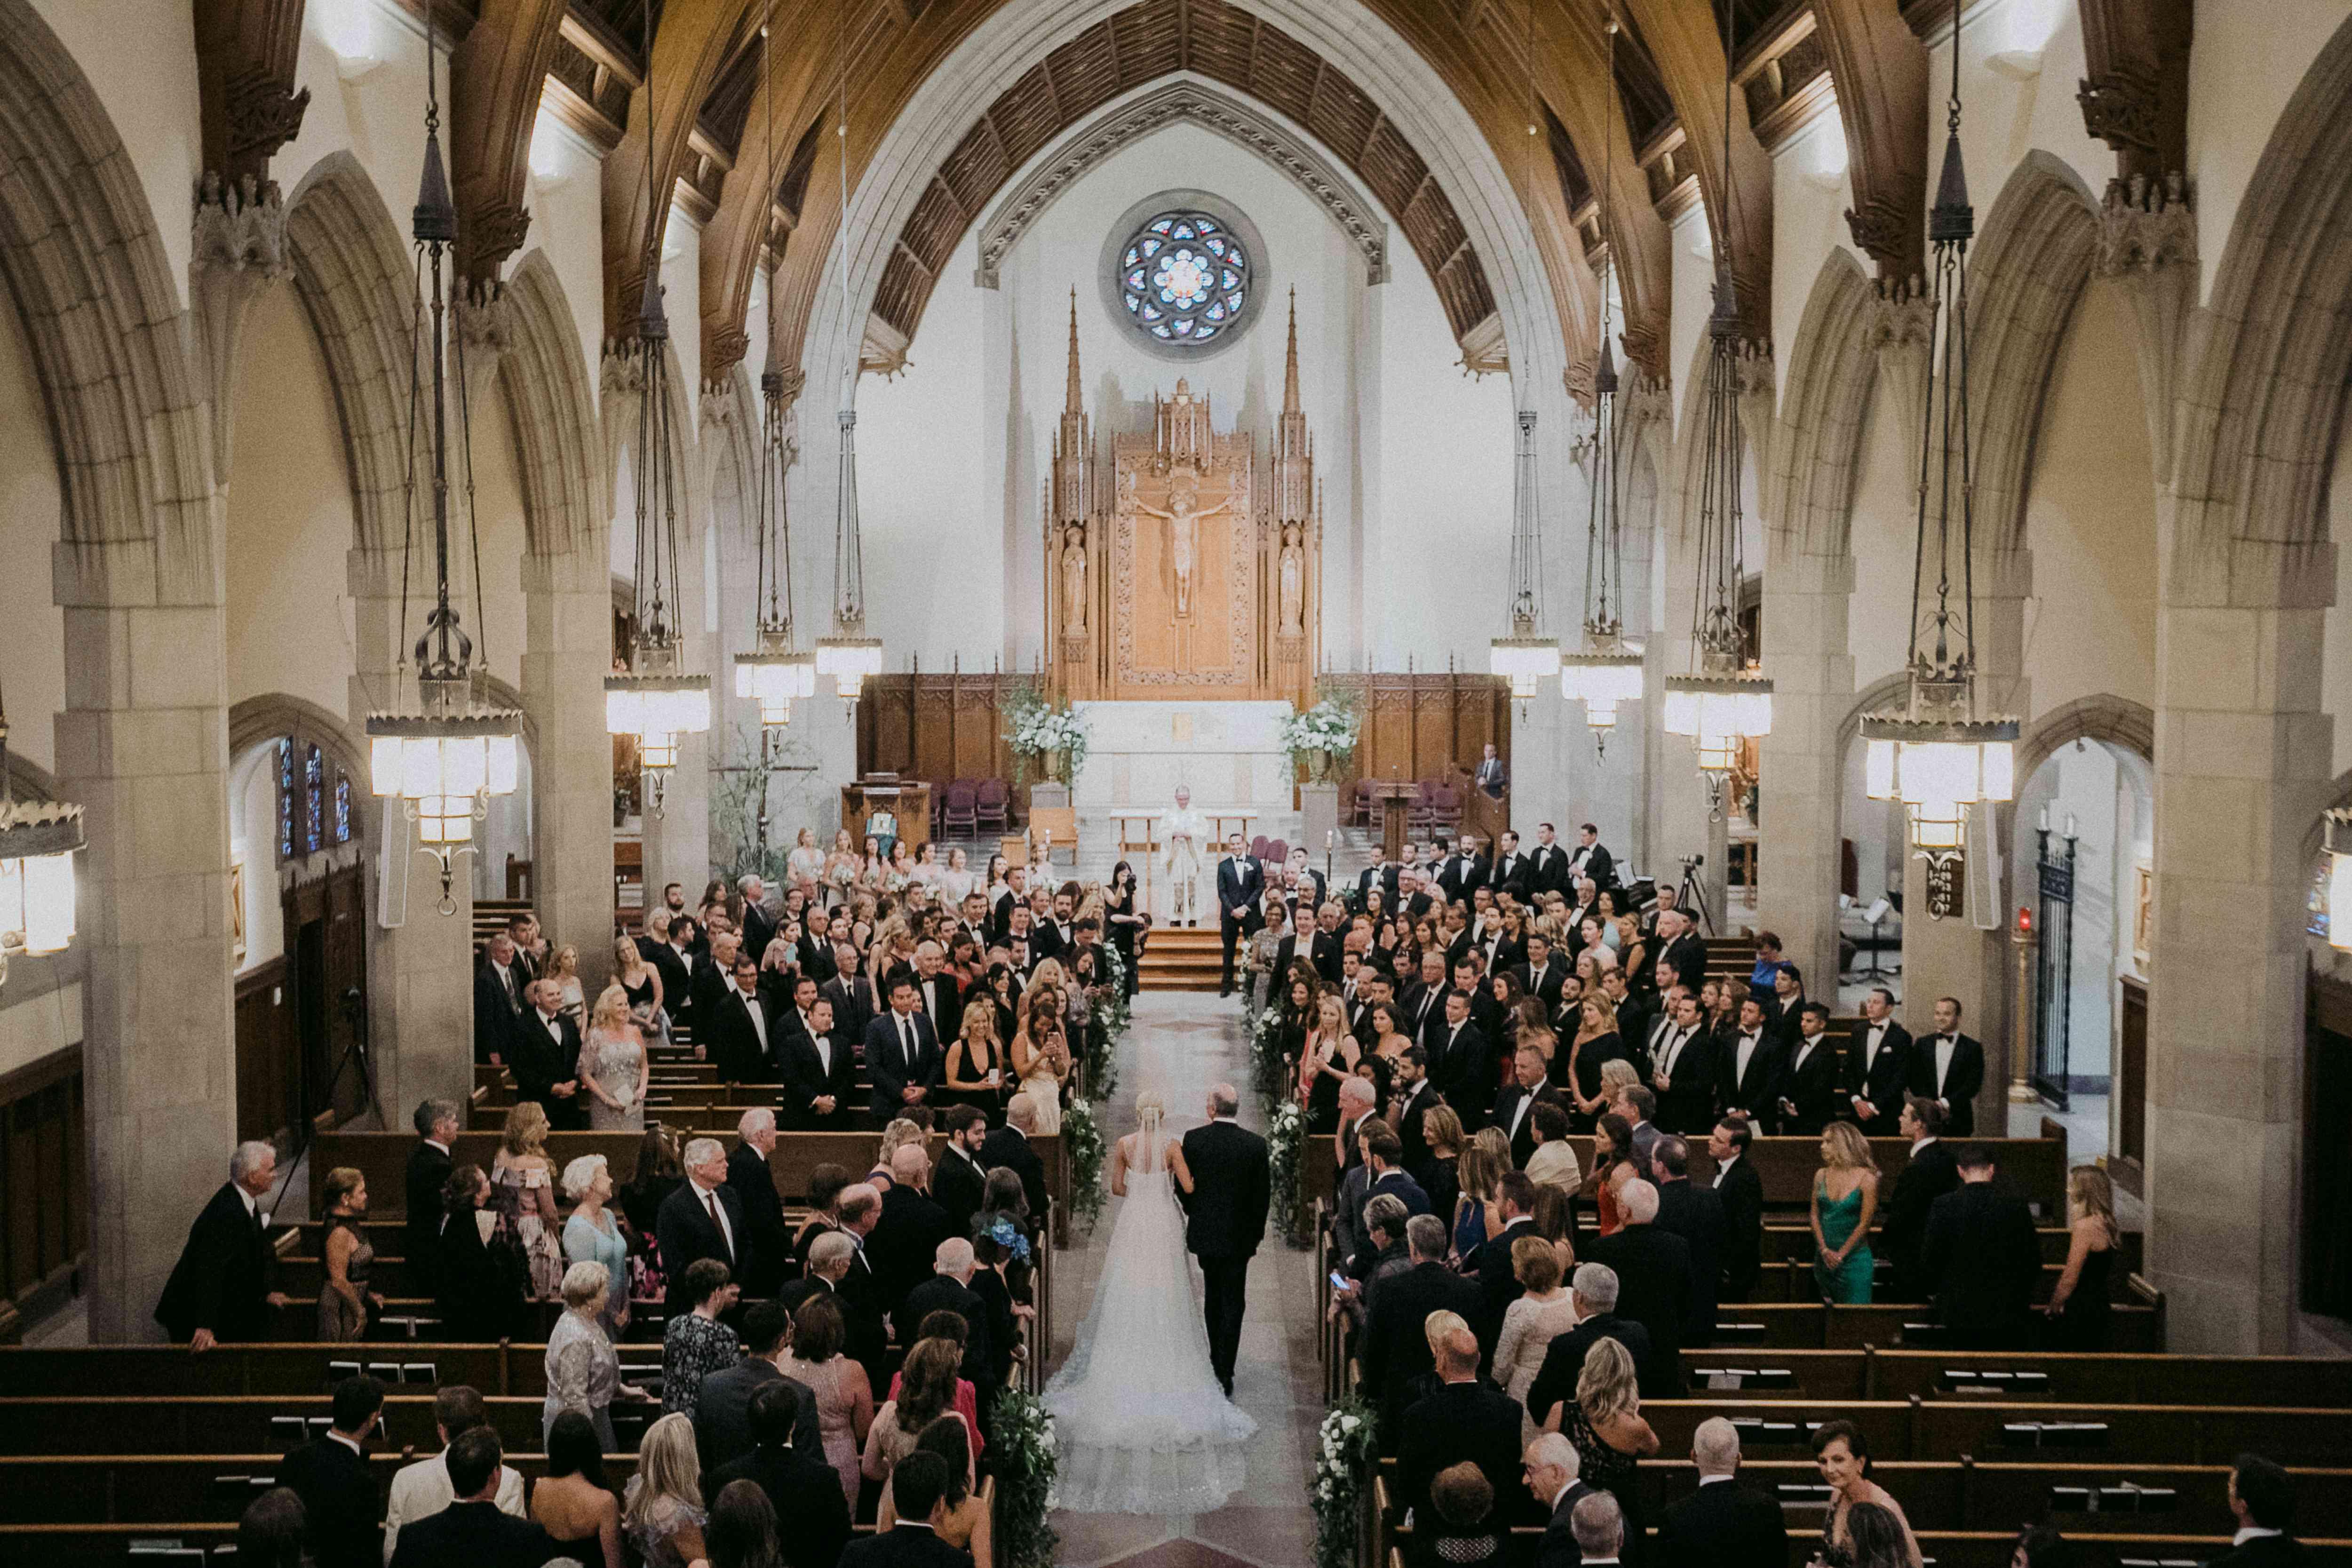 <p>Bride walking down aisle in church</p><br><br>